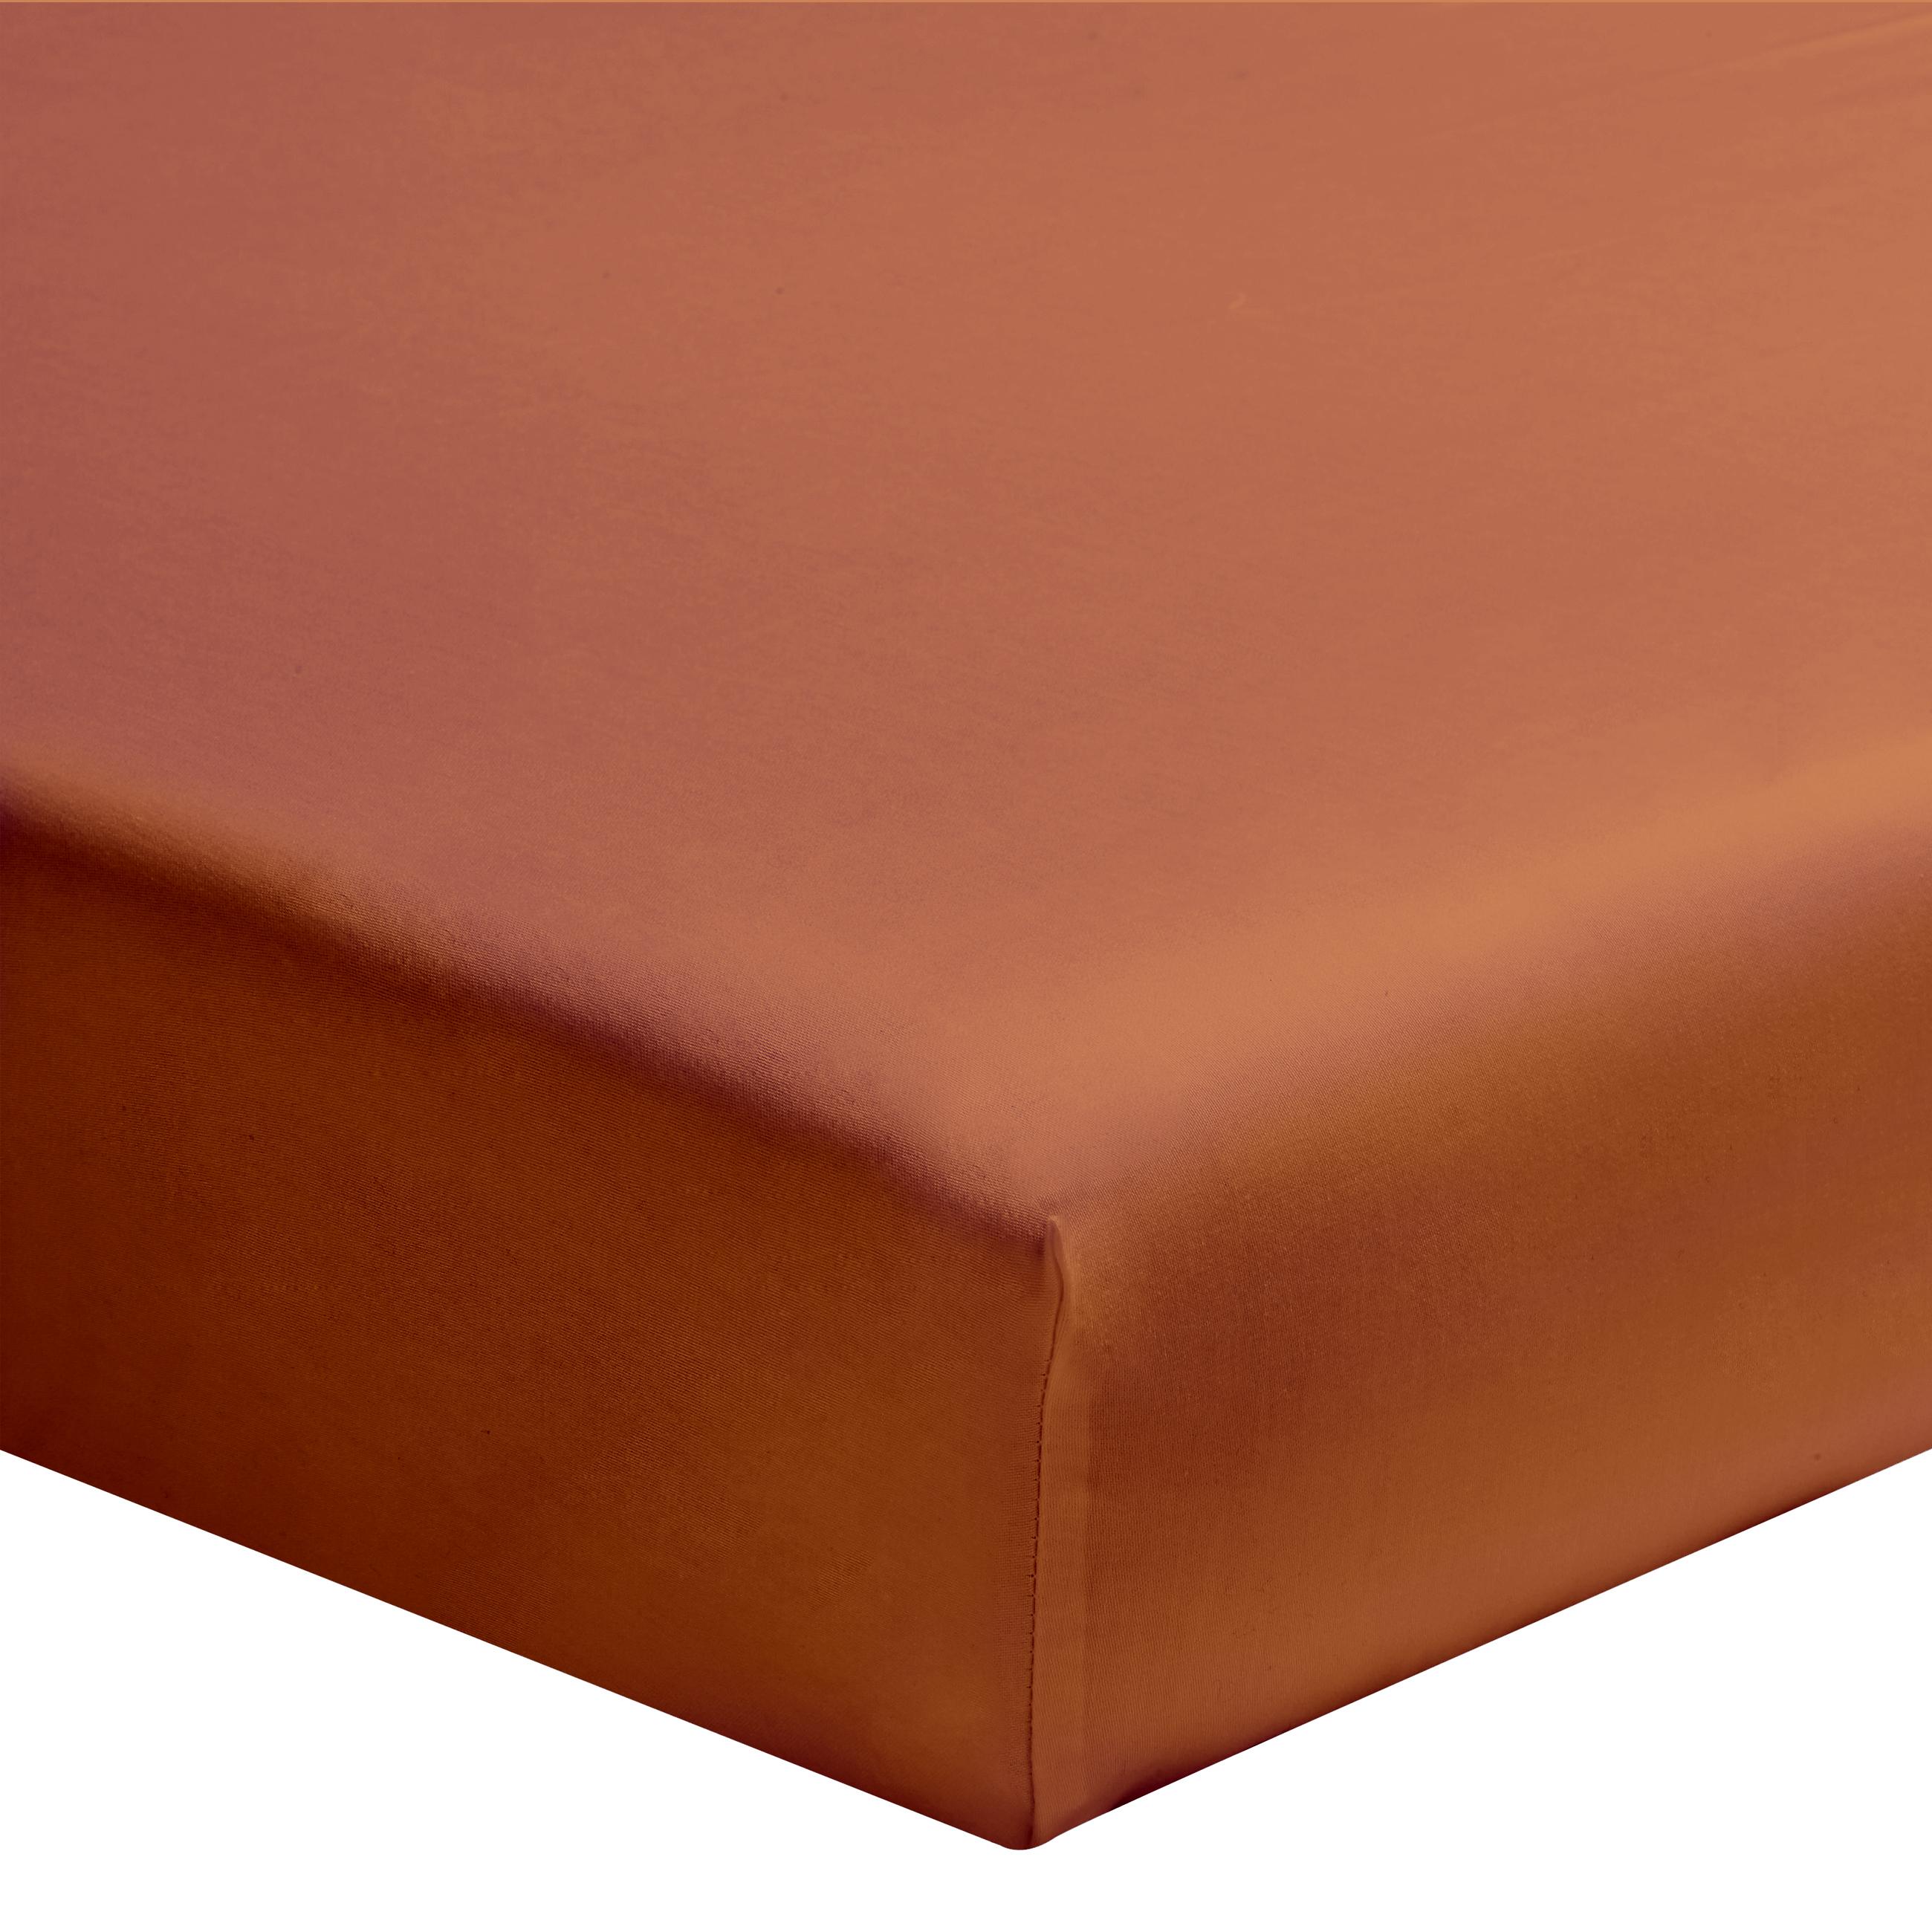 Drap housse uni en coton terracotta 160x200